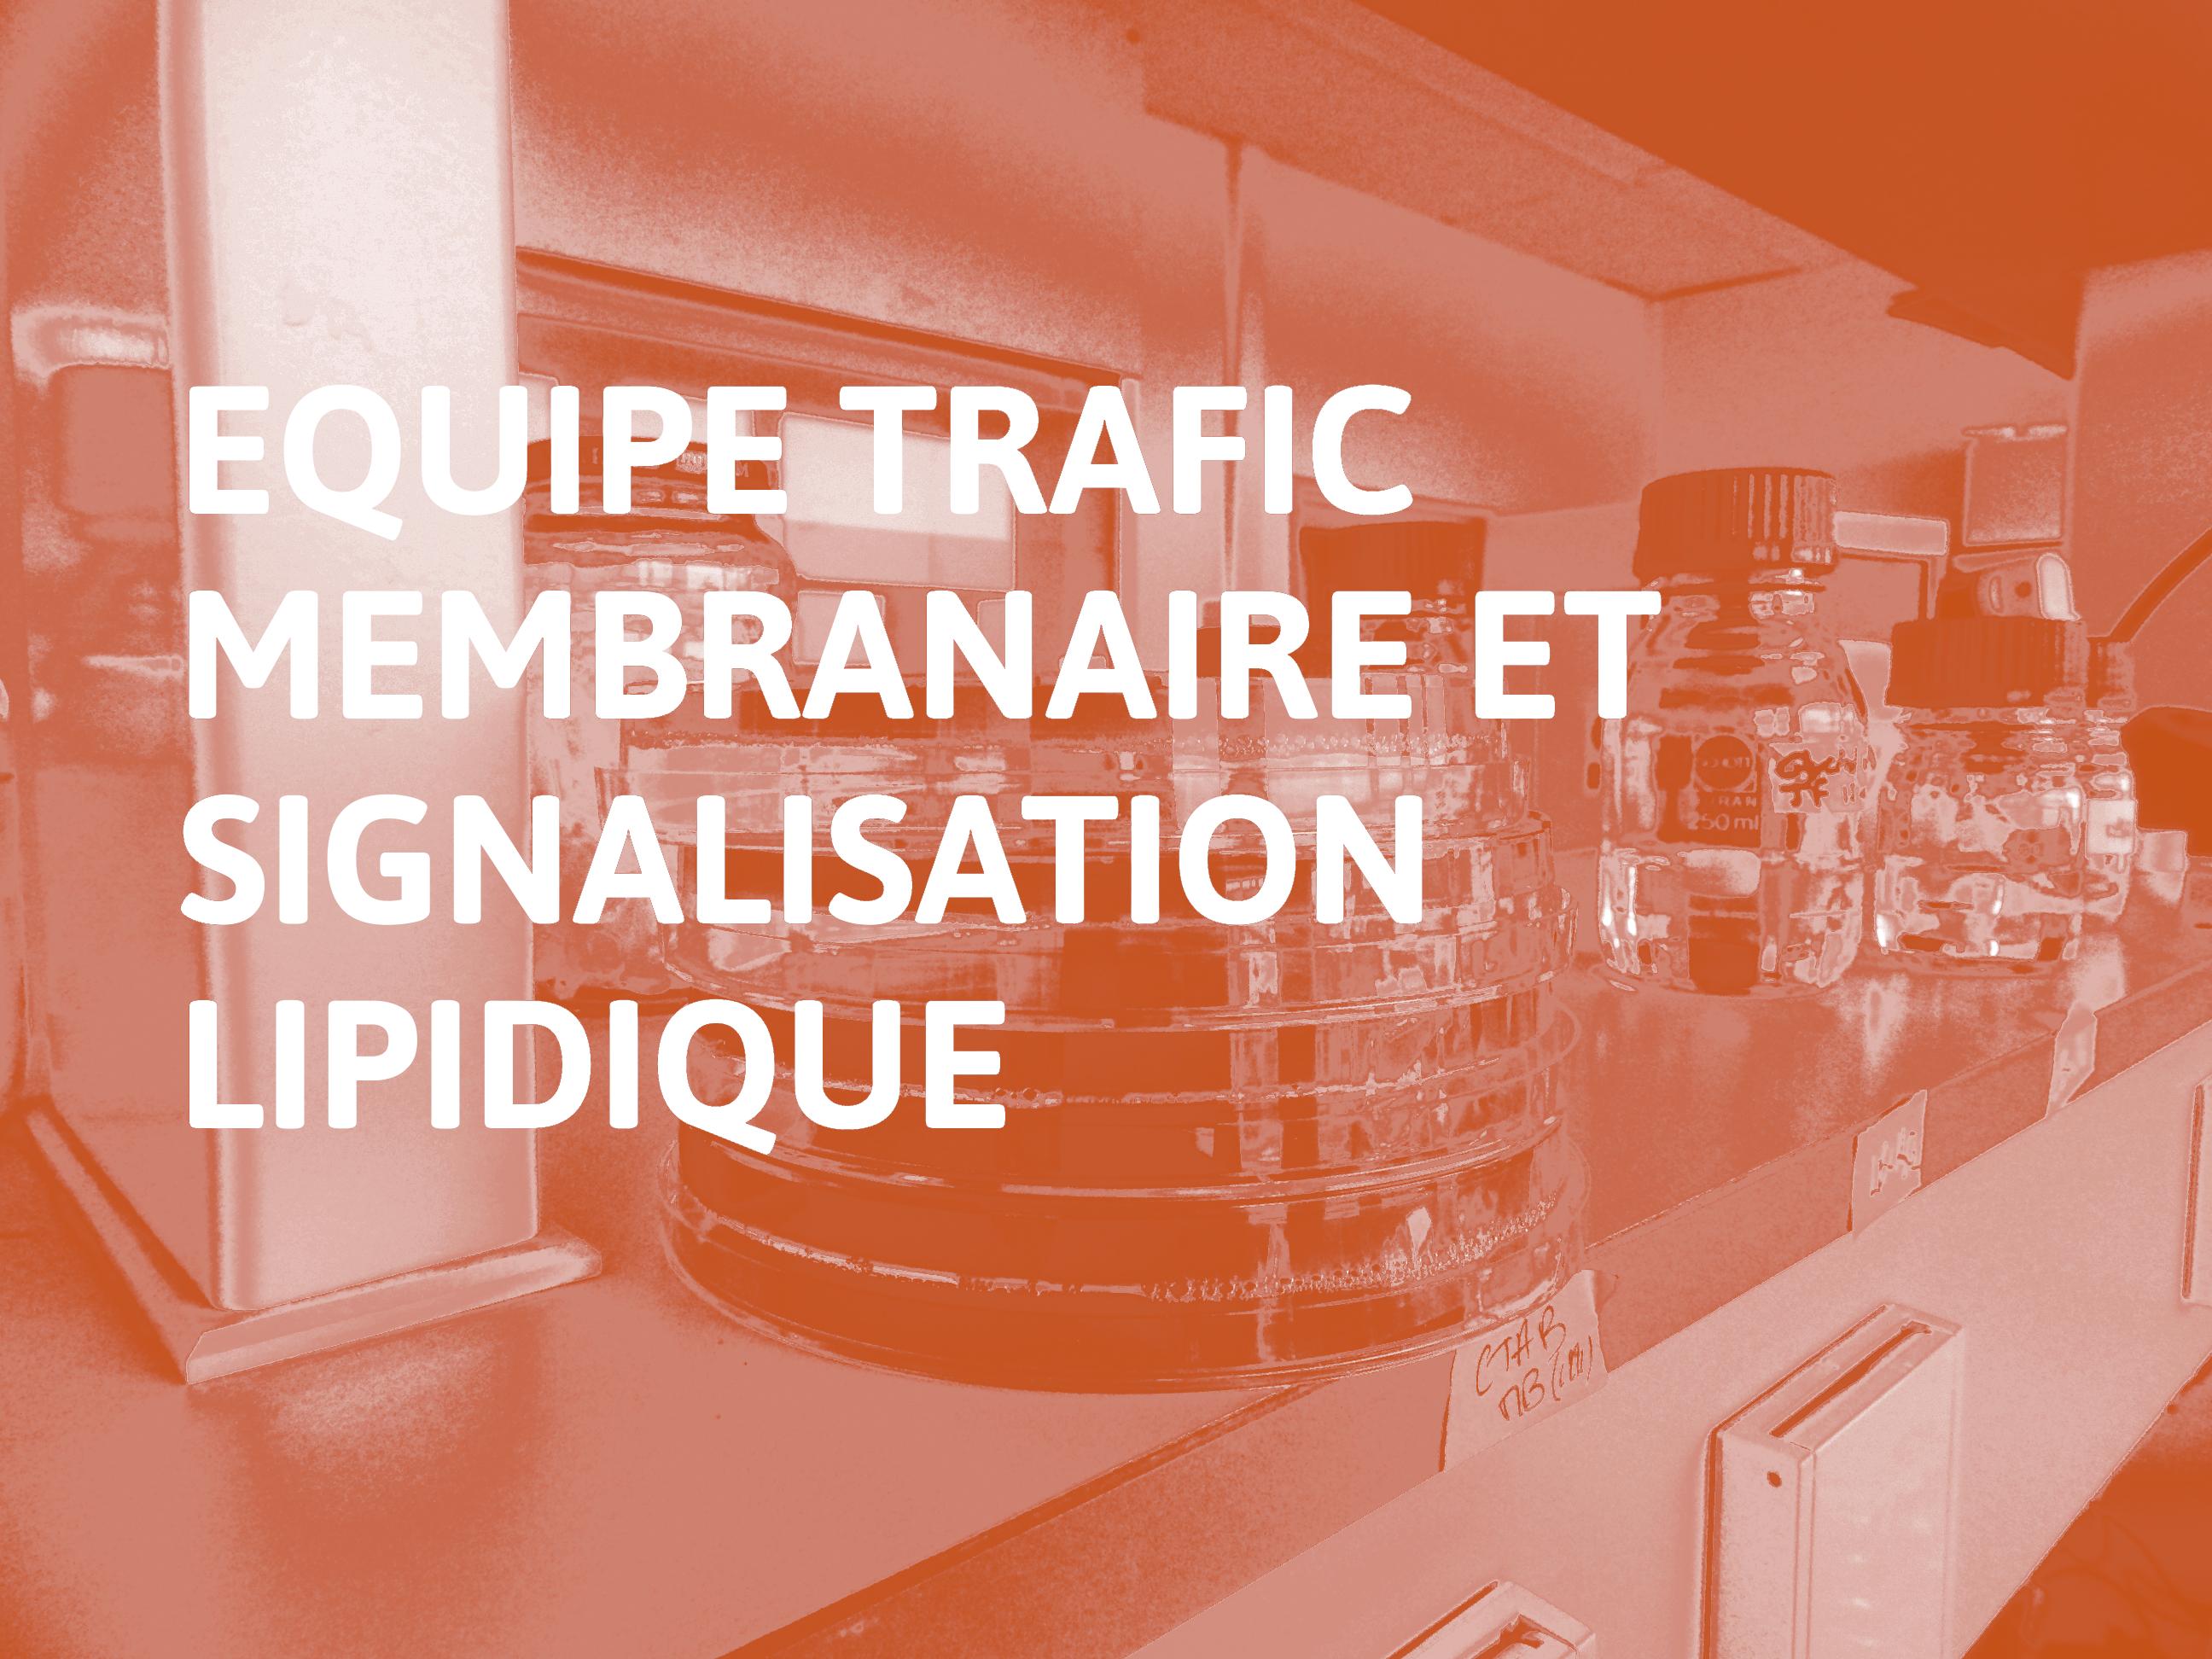 Equipe Trafic membranaire et signalisation lipidique